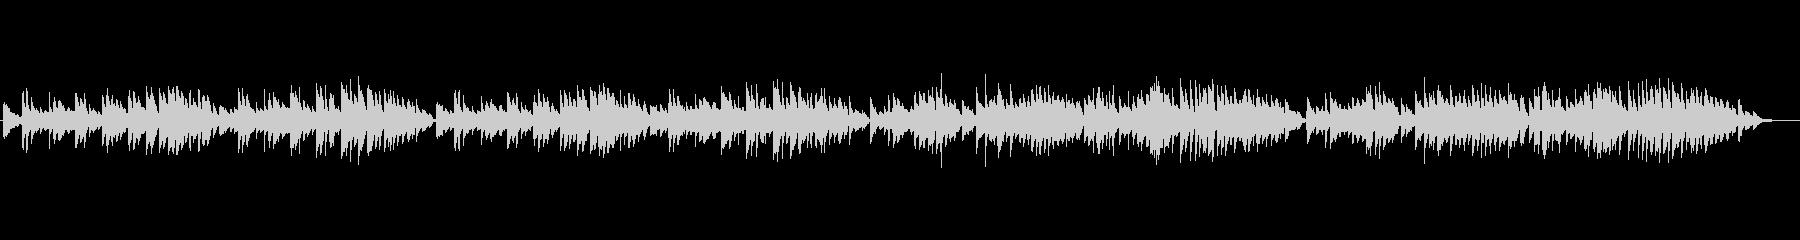 クラシックピアノ、チェルニーNo.47の未再生の波形